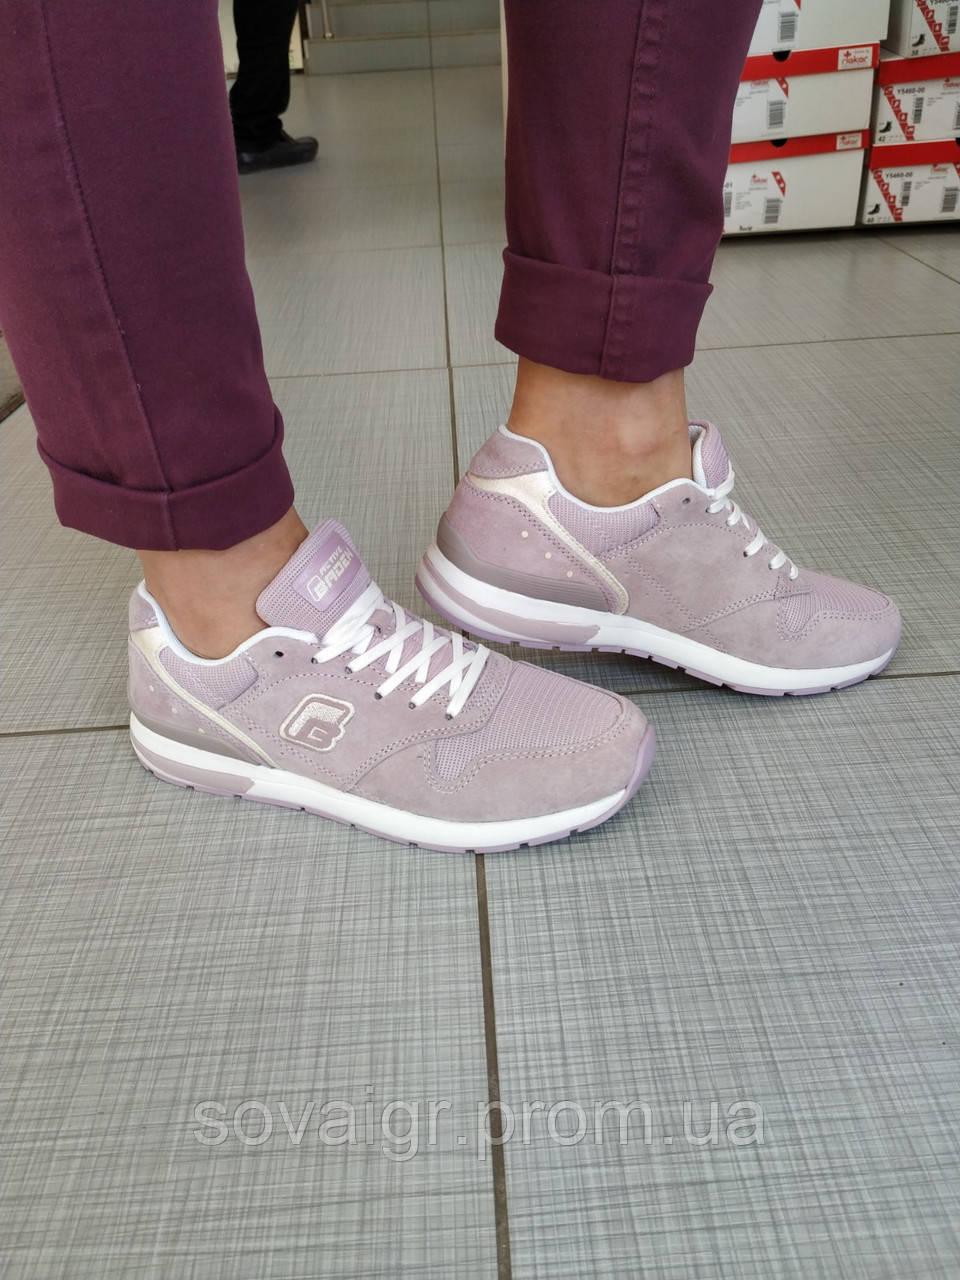 Подростковые замшевые кроссовки для девочки BADEN